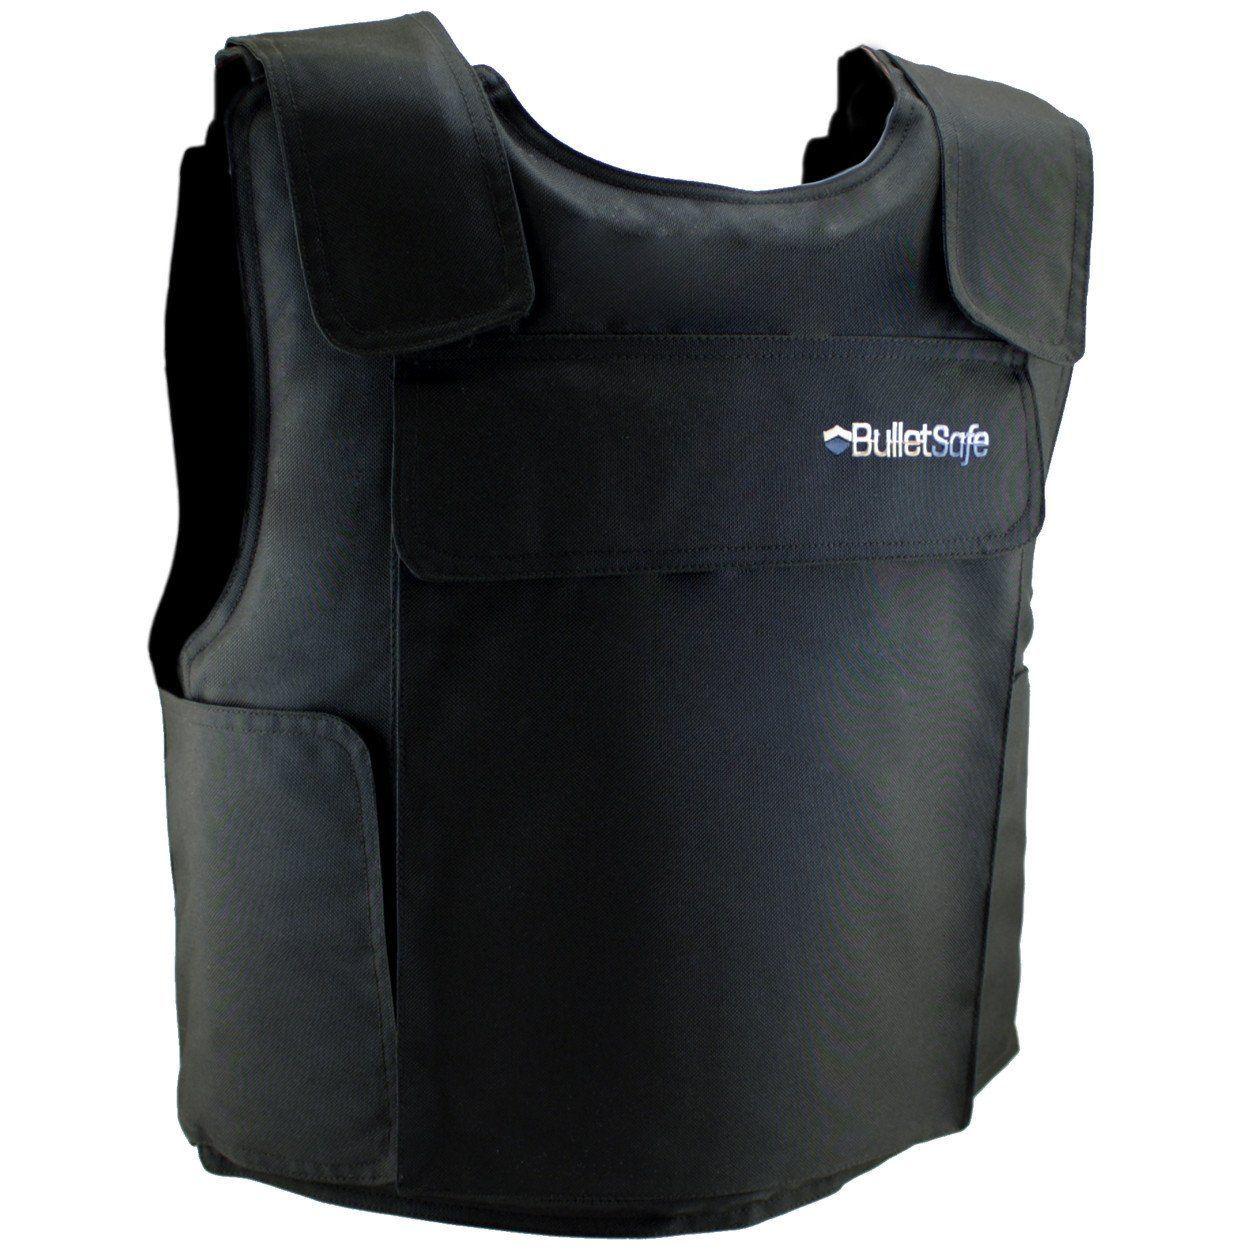 bulletsafe bulletproof vest - Halloween Bullet Proof Vest